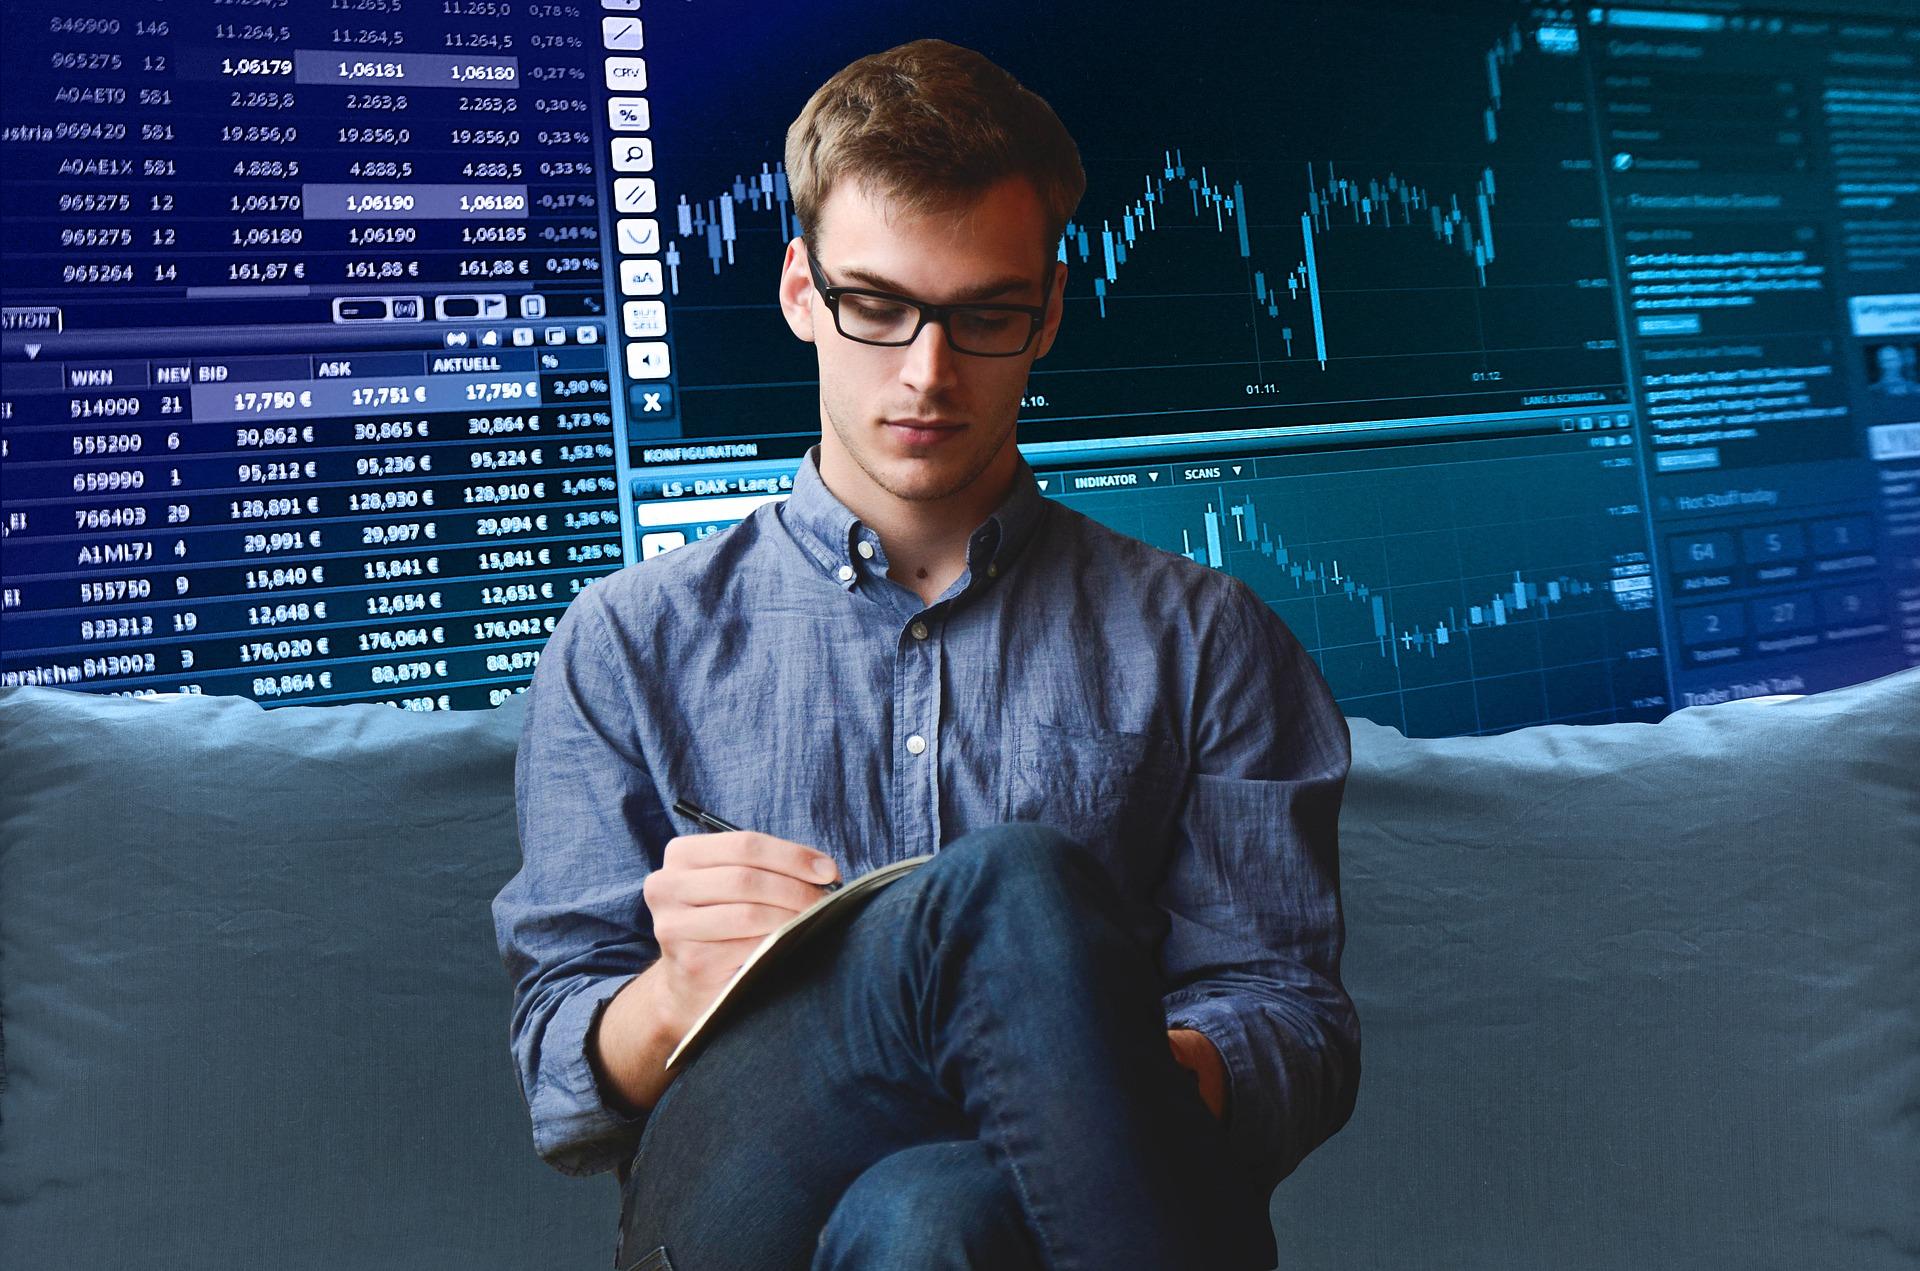 Les 9 règles d'or pour gagner en Bourse